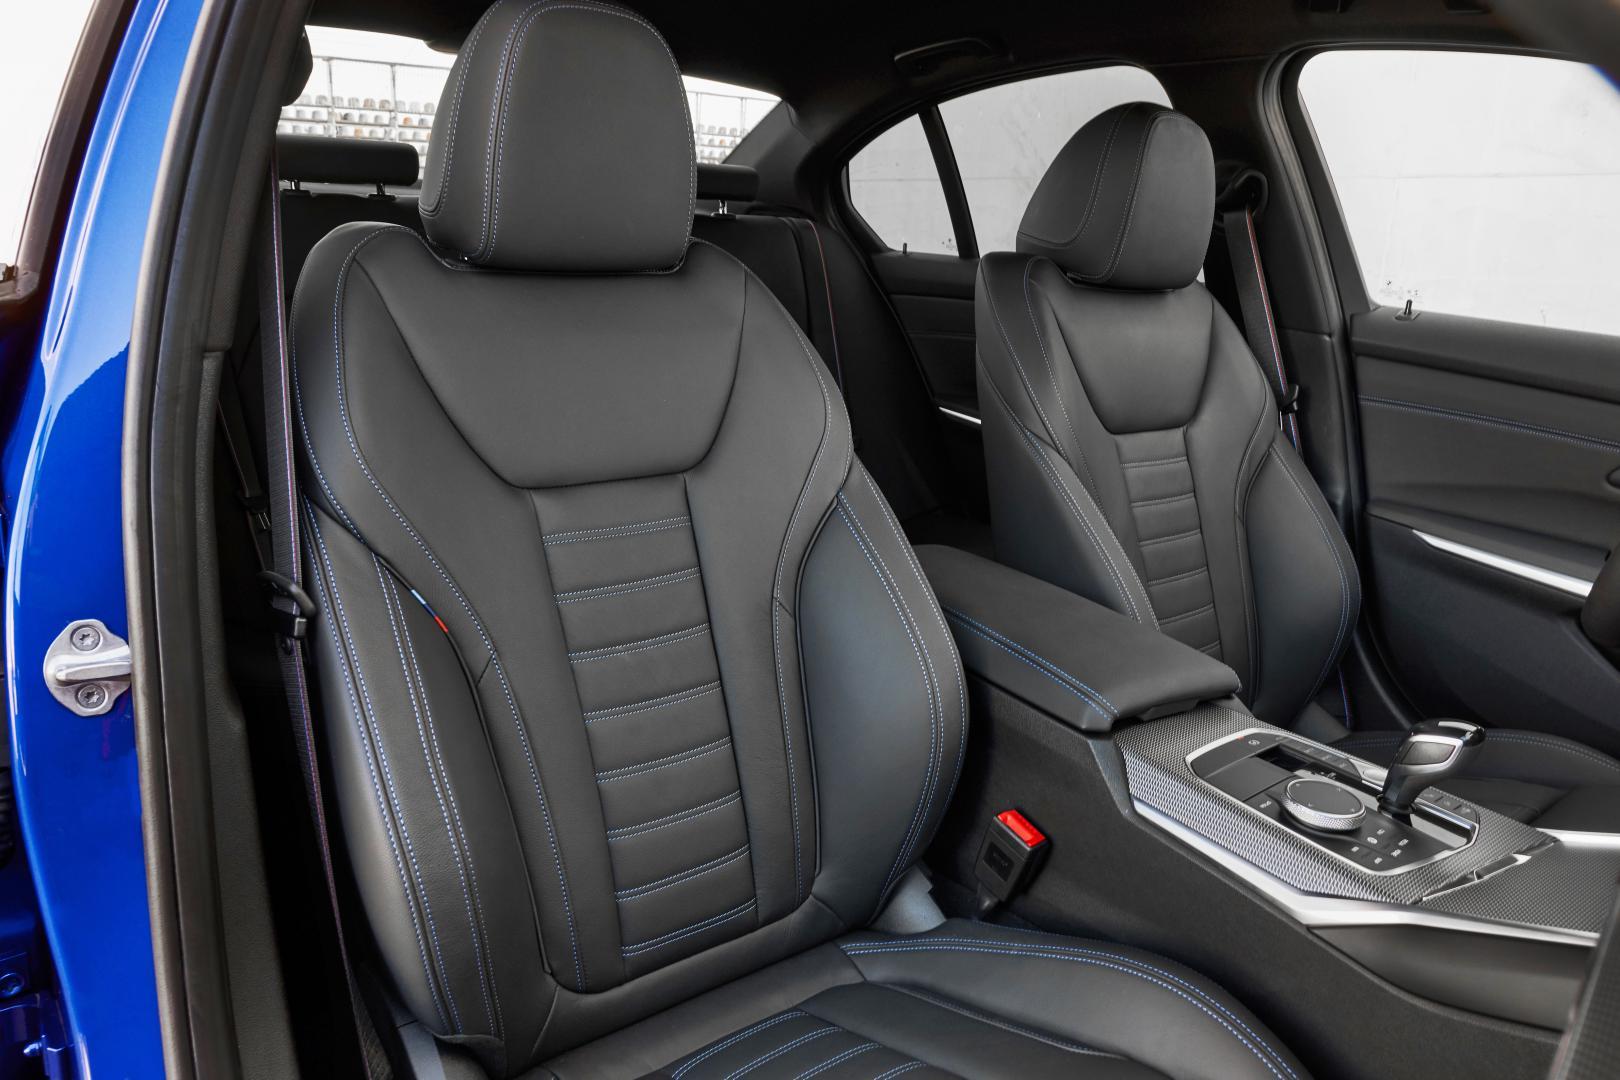 BMW 330i voorstoelen interieur